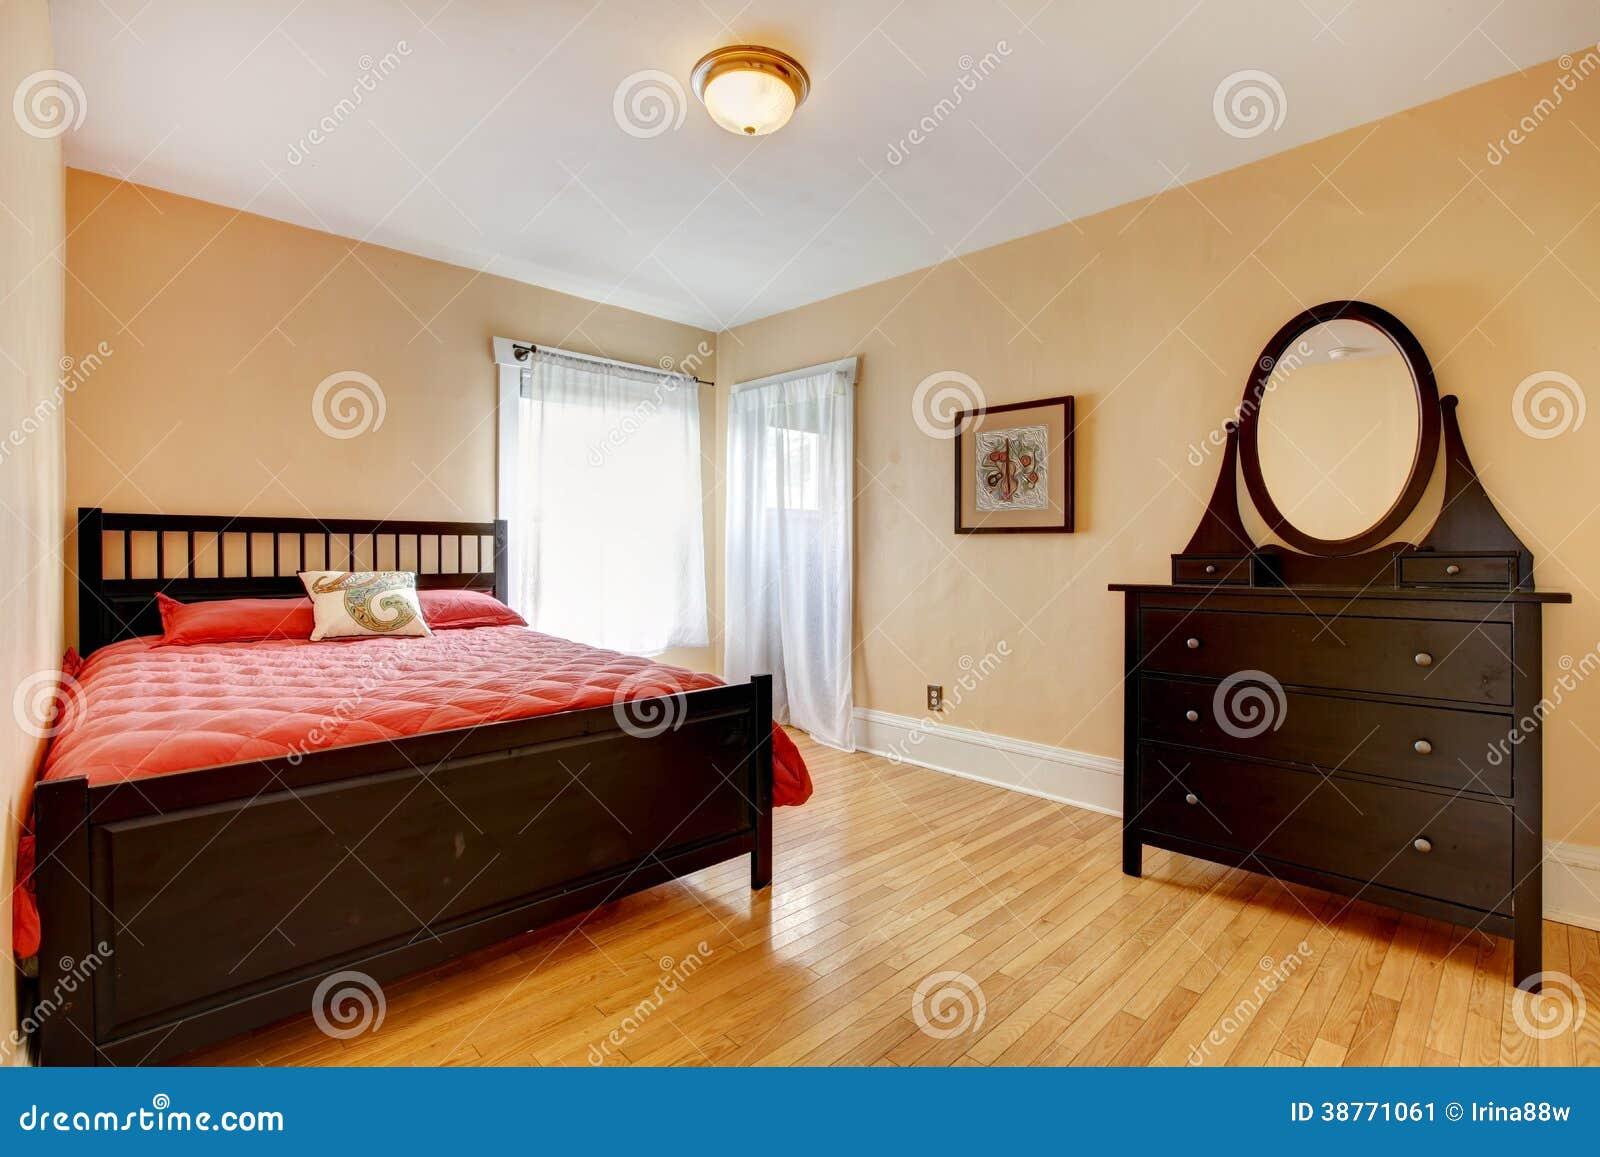 Belle Chambre à Coucher Avec Des Meubles De Brun Foncé Image stock ...